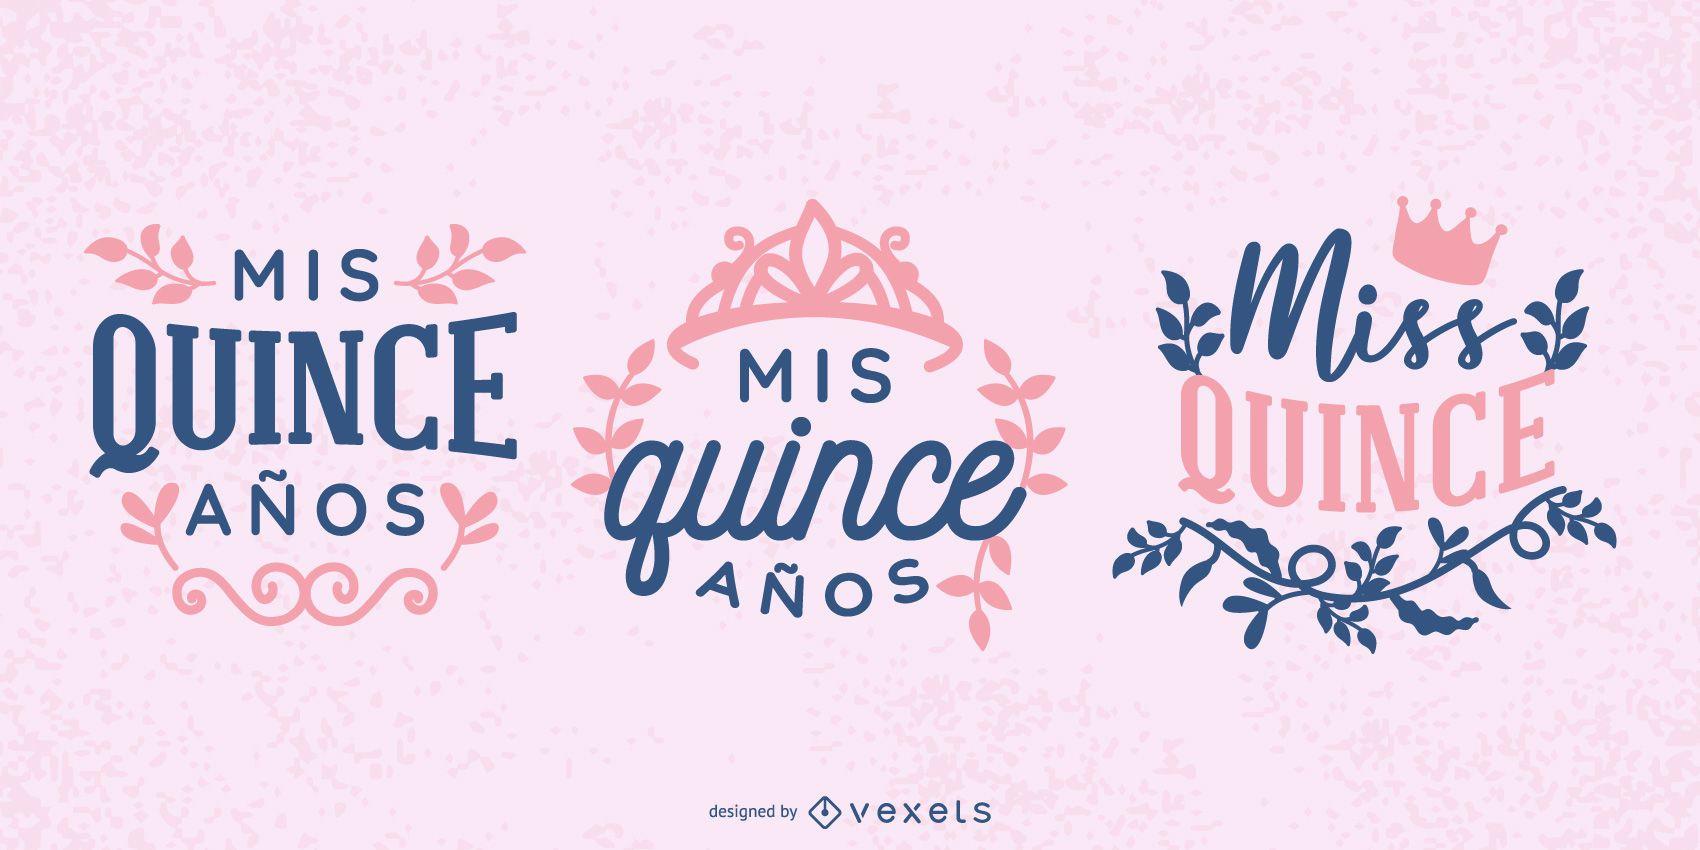 Adoráveis ilustrações de texto da Quinceañera